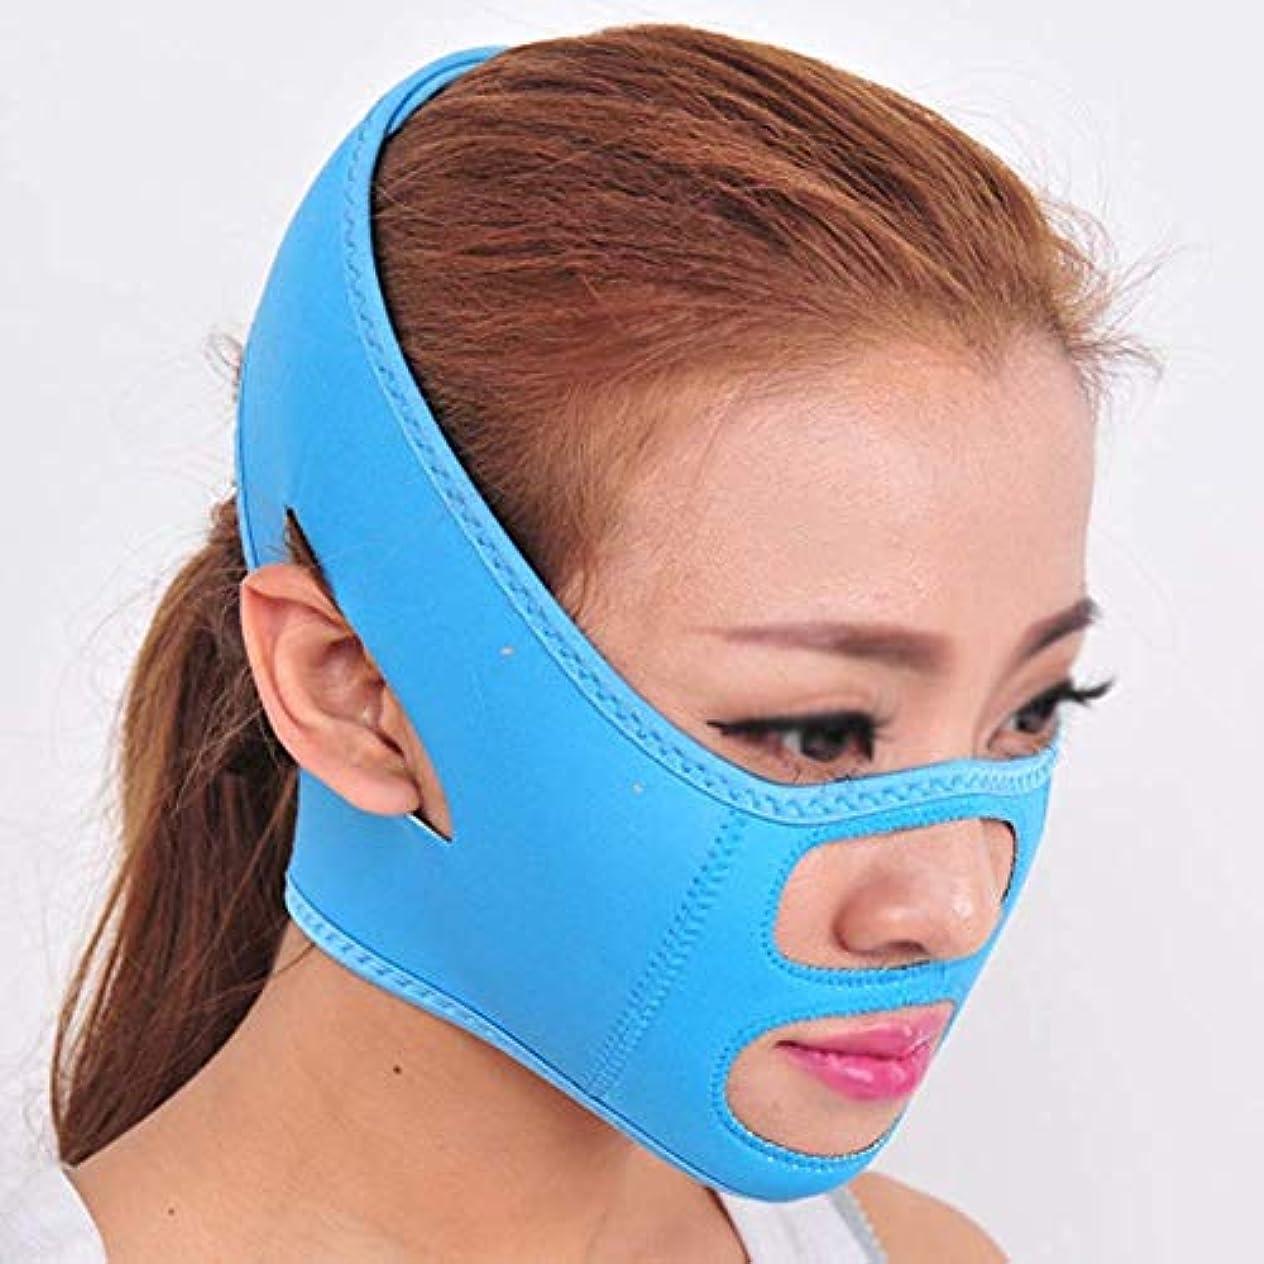 到着母ペイントチンストラップ、フェイスリフティングマスク、ダブルチン、フェイスリフティングに最適、リフティングフェイシャルスキン、フェイシャル減量マスク、フェイスリフティングベルト(フリーサイズ)(カラー:ブルー),青